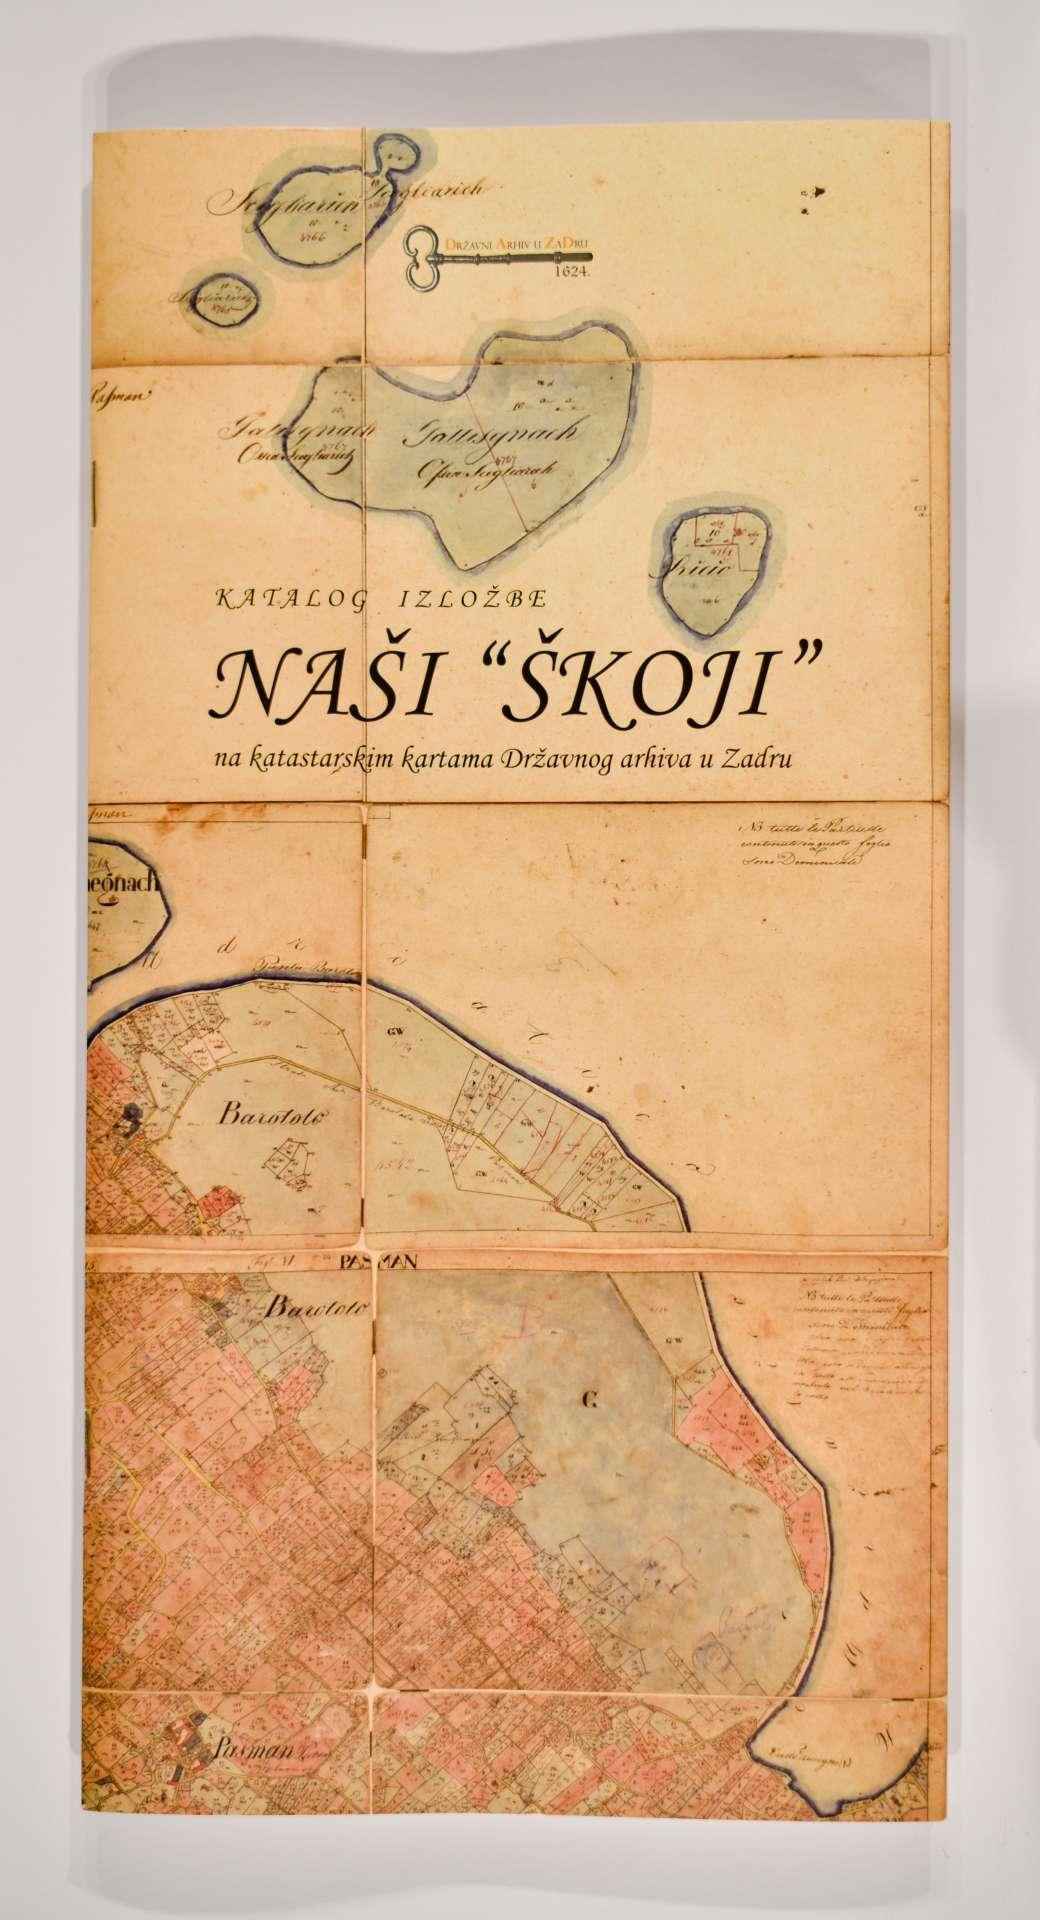 """Naši """"škoji"""" na katastarskim kartama Državnog arhiva u Zadru"""